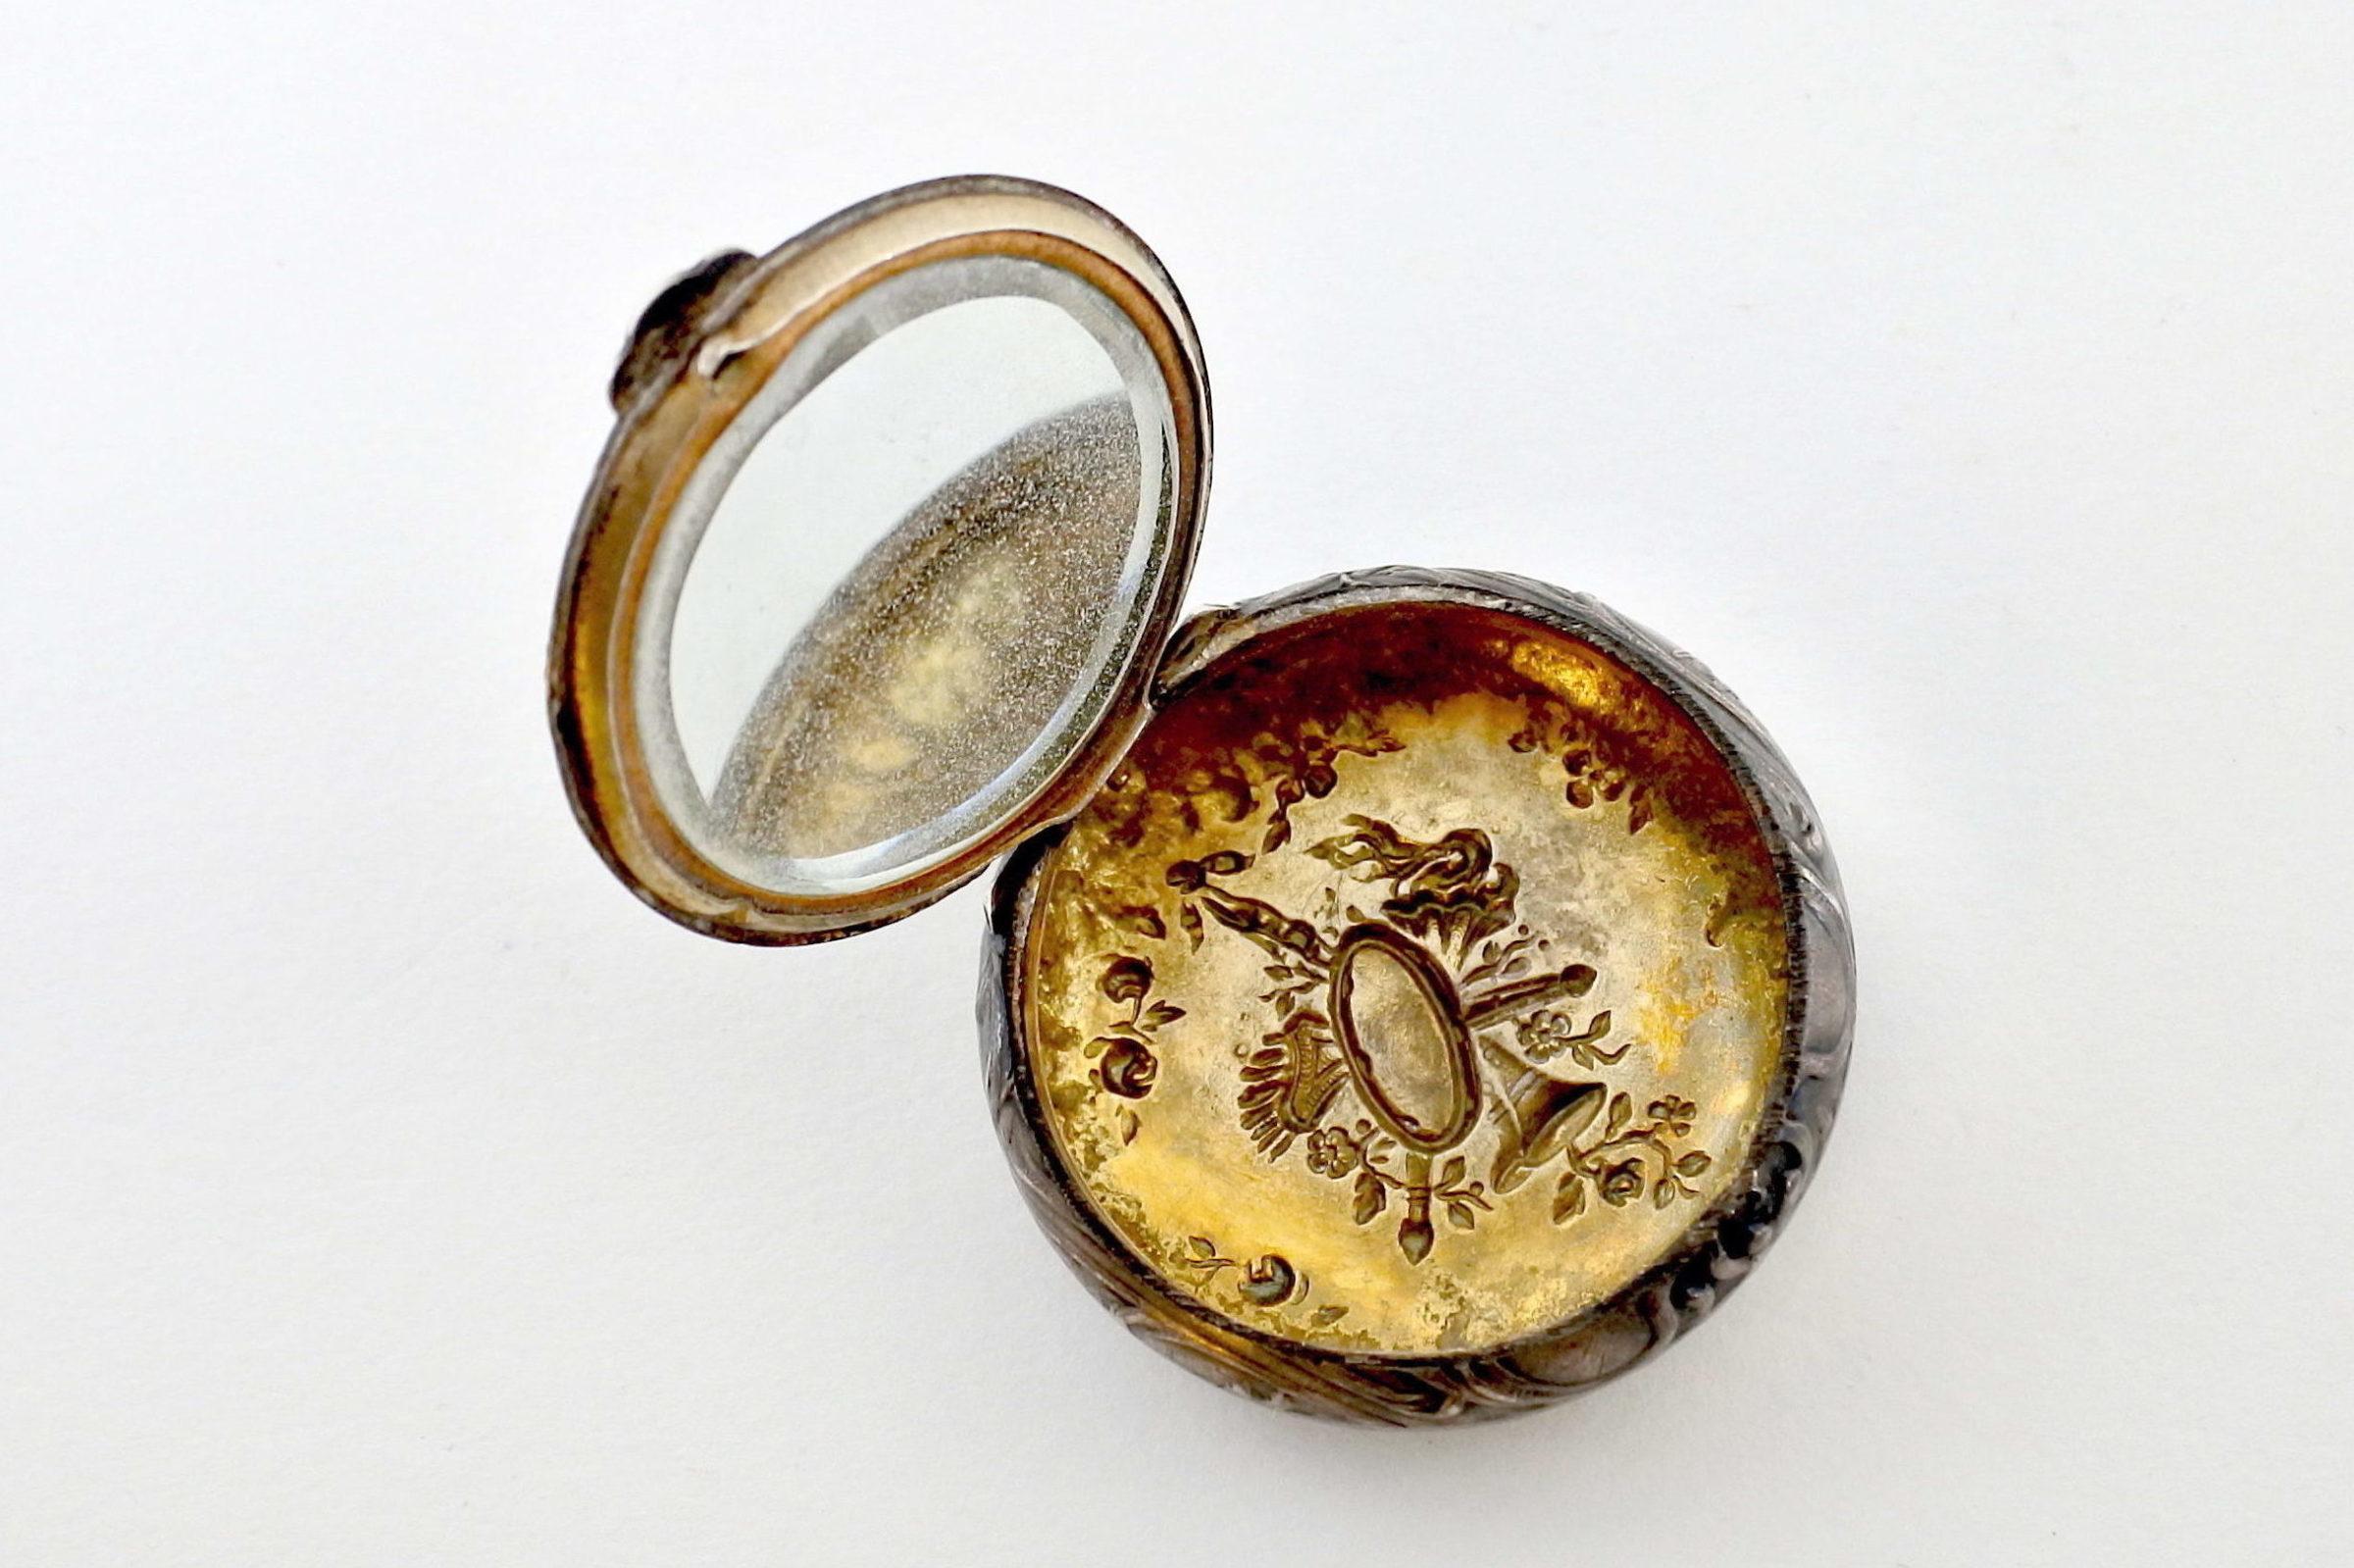 Portacipria in argento e vermeil con specchietto interno - 3